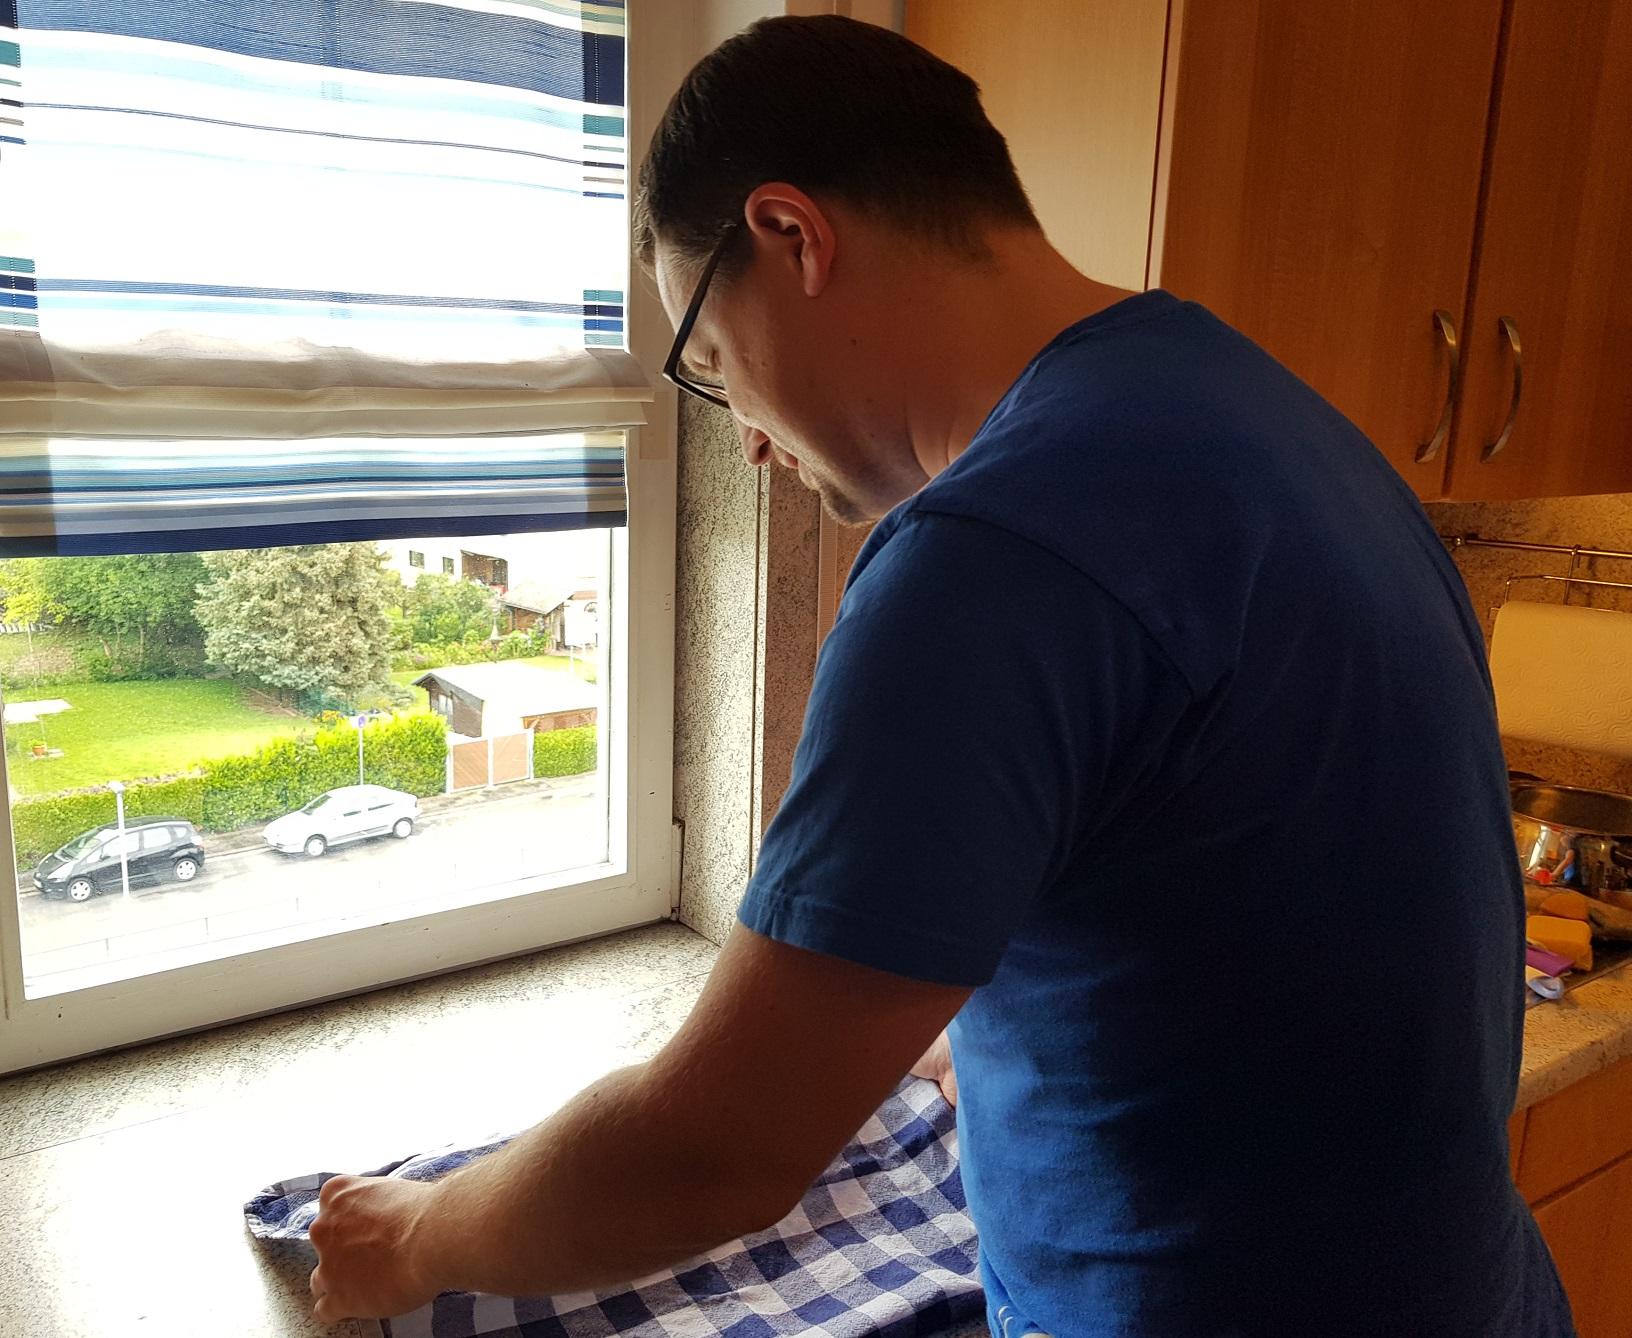 Teig wird mit einem Handtuch abgedeckt und ziehen gelassen